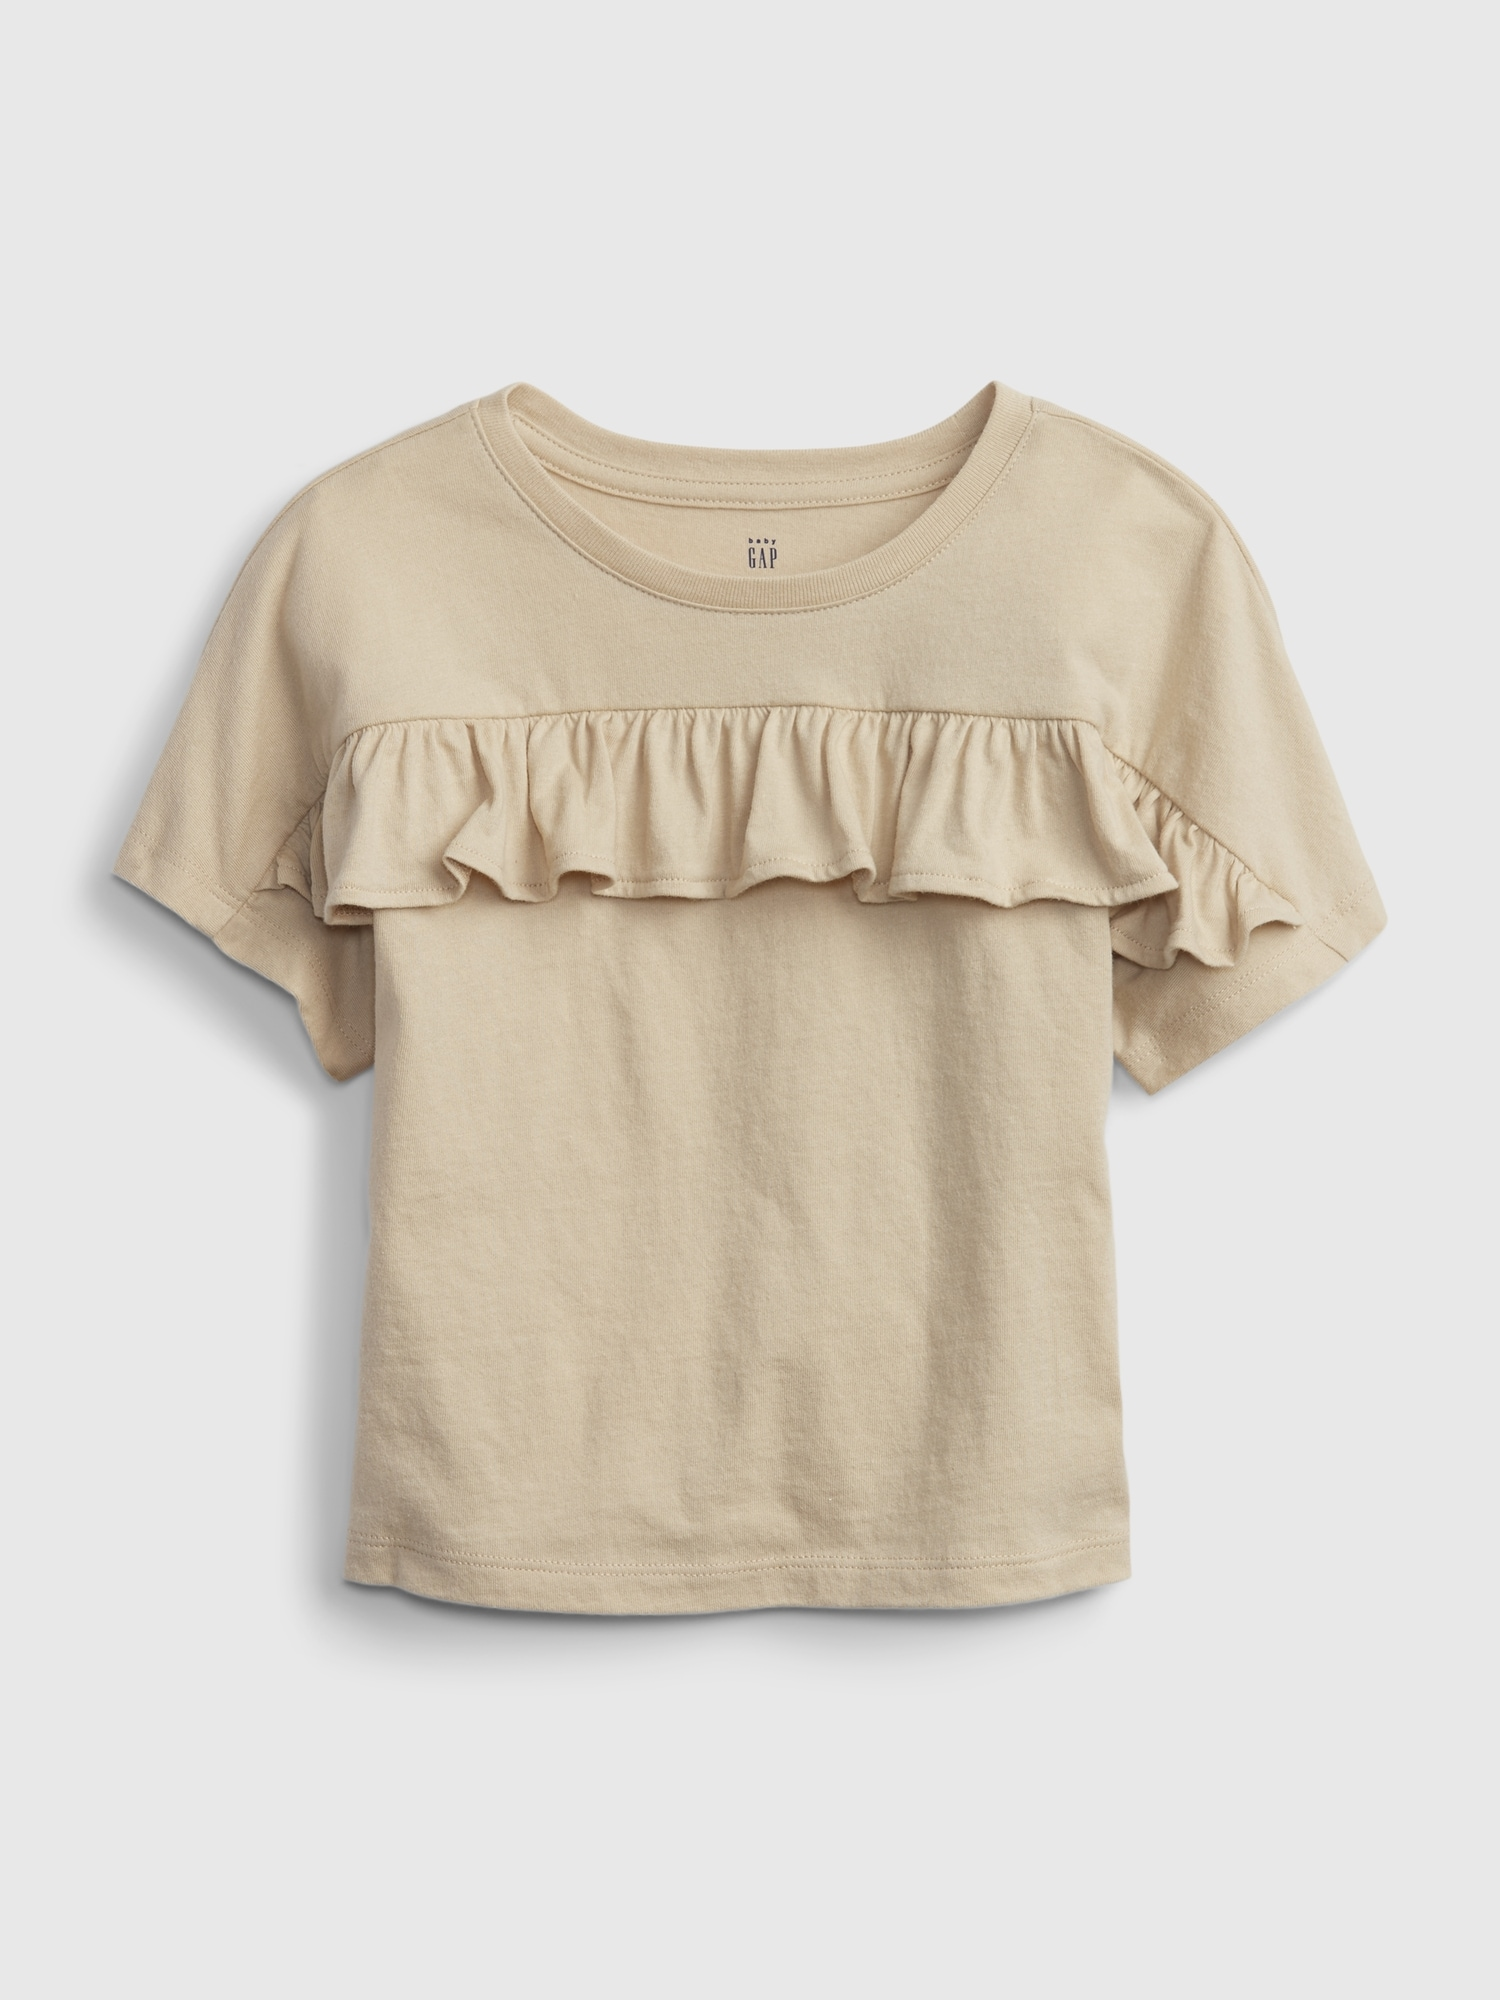 ボクシー ラッフルtシャツ (幼児)